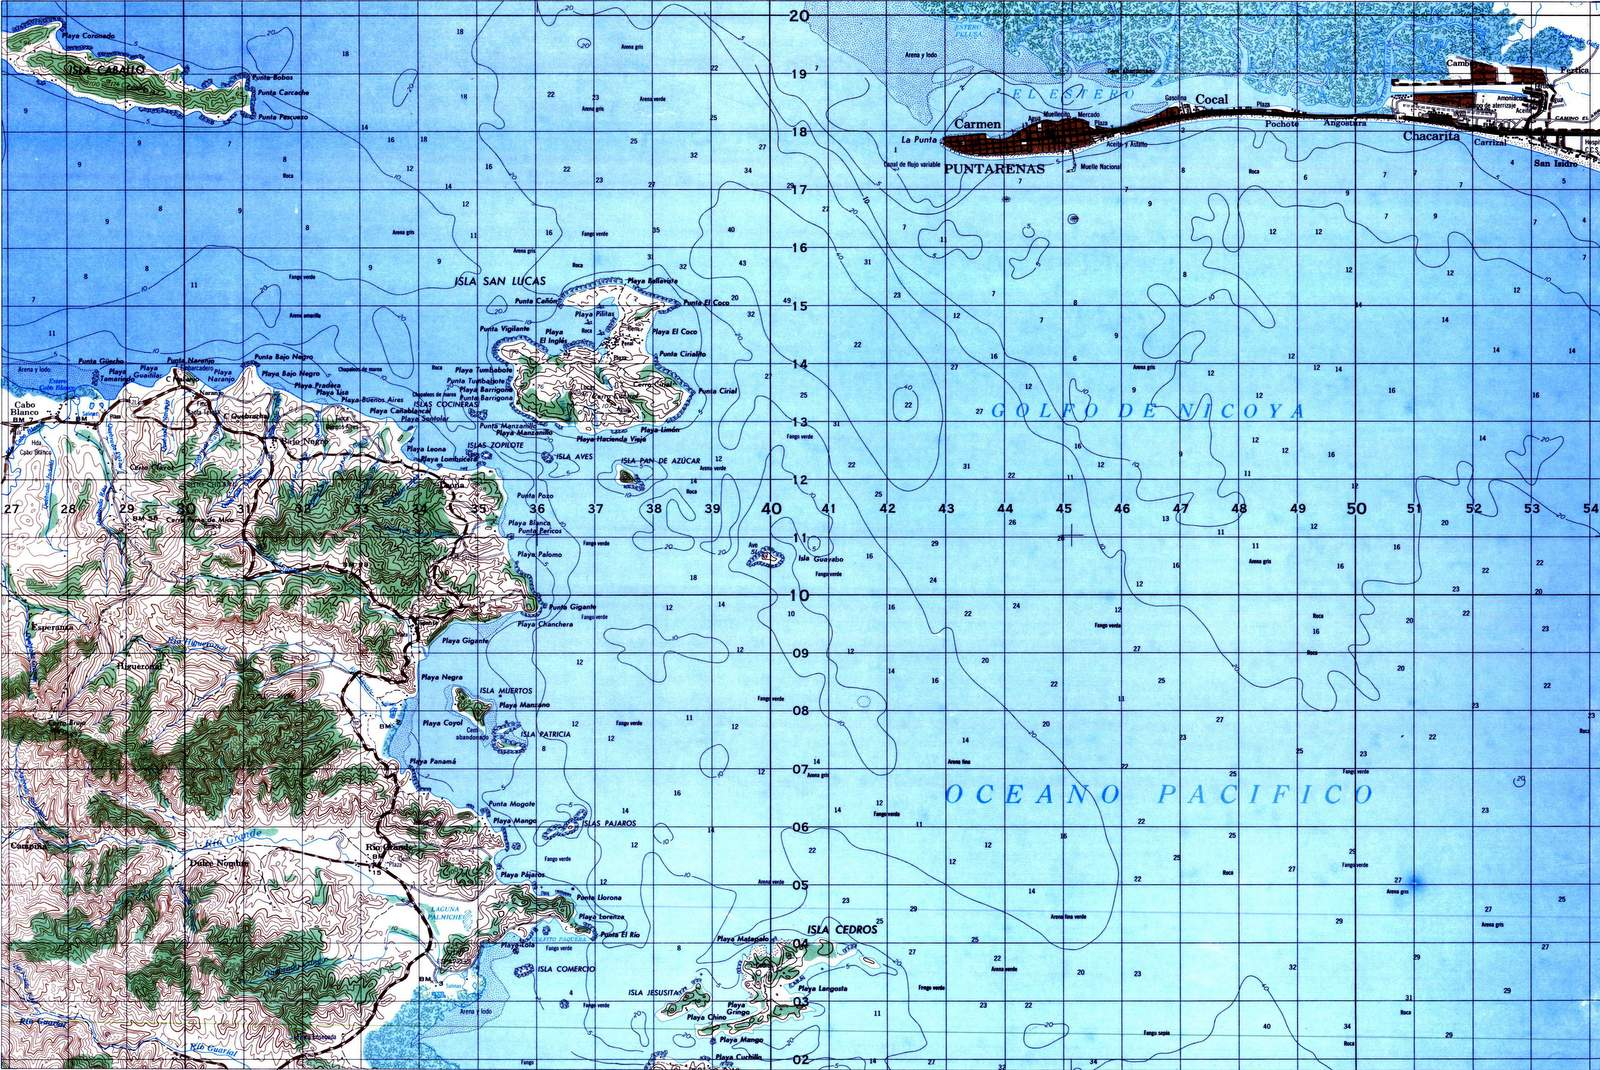 instituto geografico de costa rica: